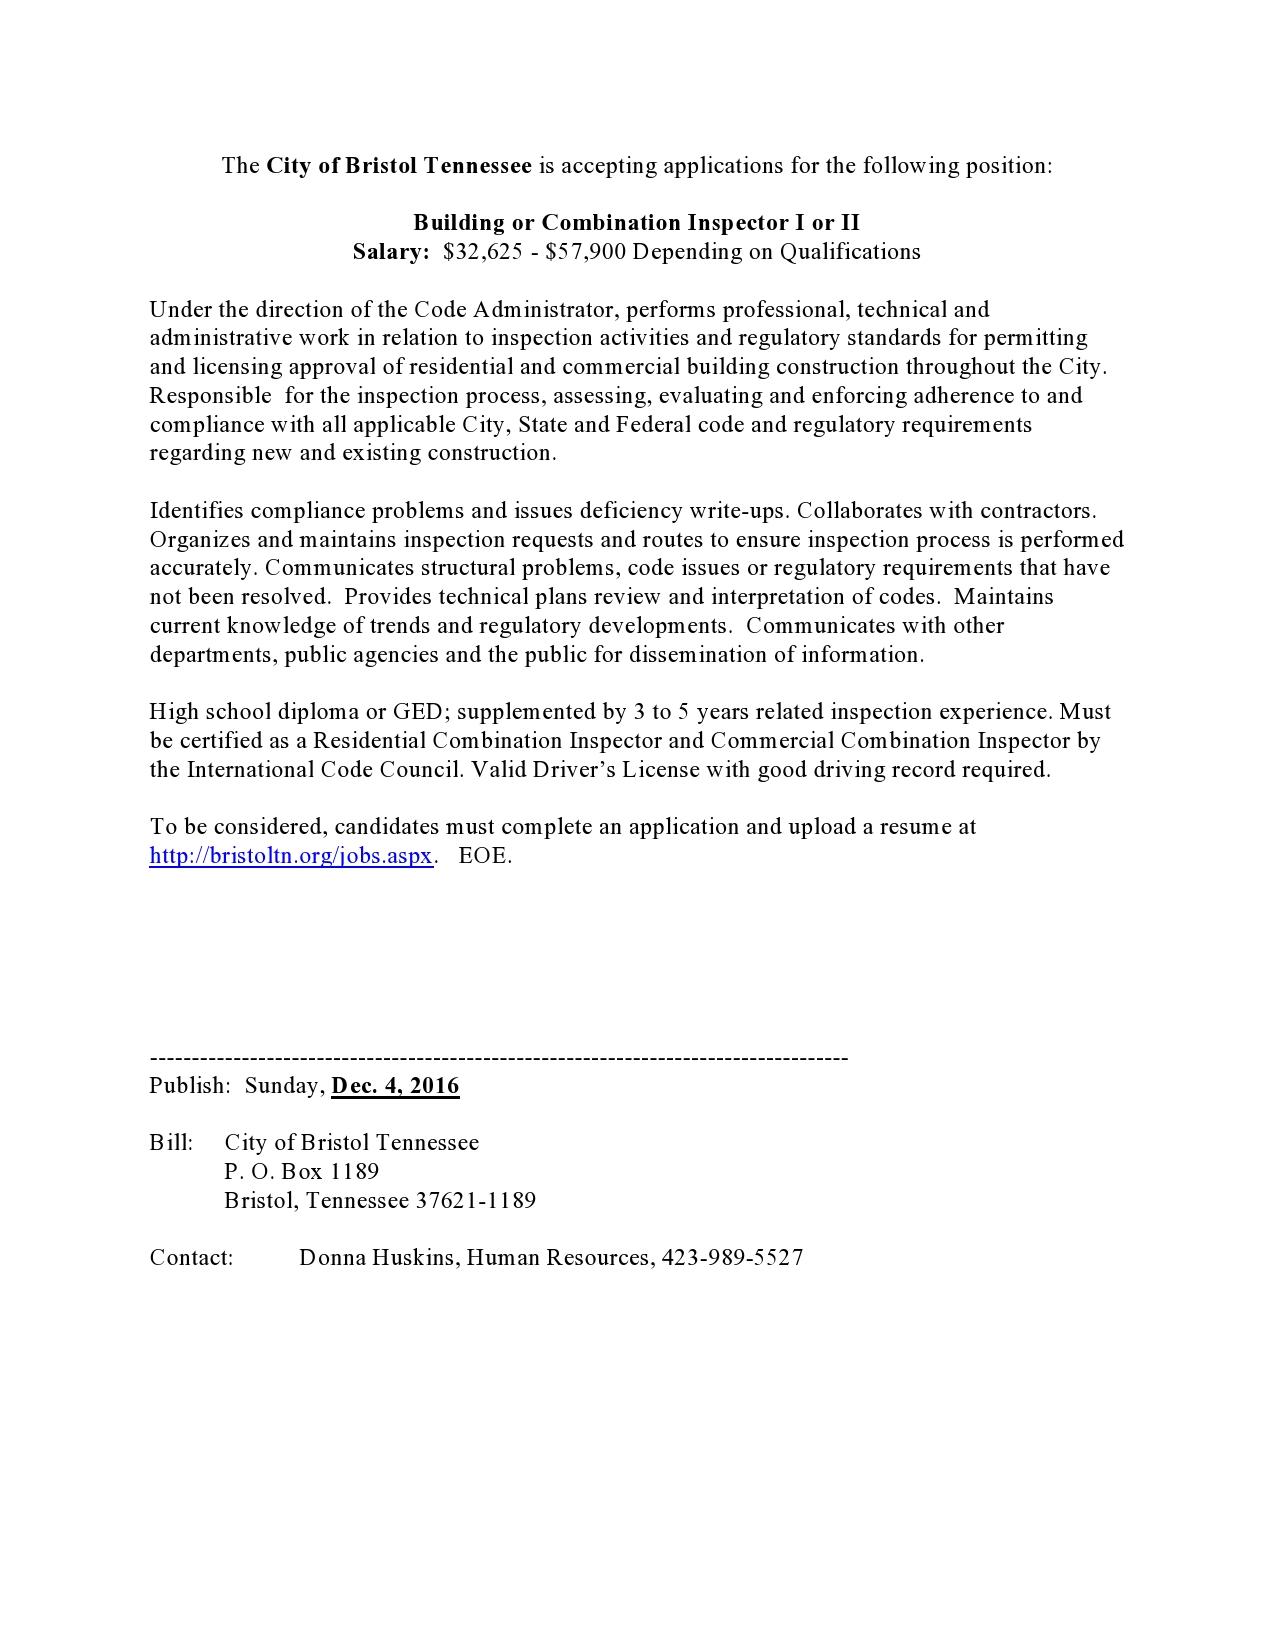 building-or-combination-inspector-nov-2016-page0001